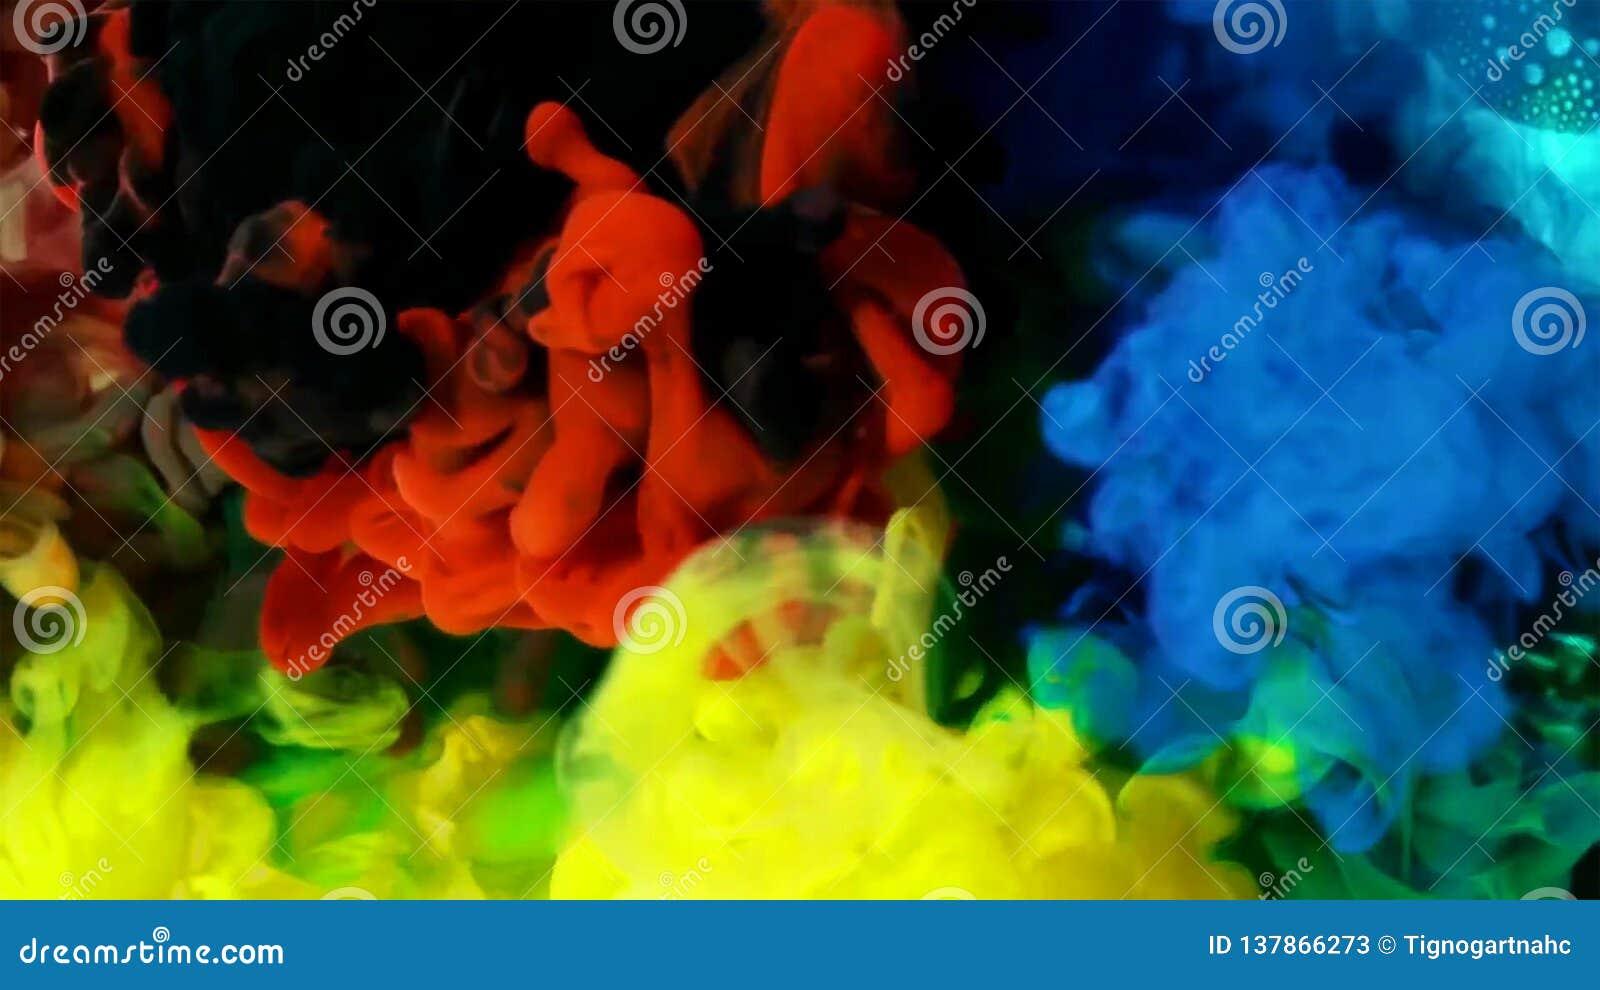 Χρωματισμένα υγρά που αναμιγνύονται μαζί στο ρευστό που δημιουργεί τη ζωηρόχρωμη αφηρημένη ζωγραφική